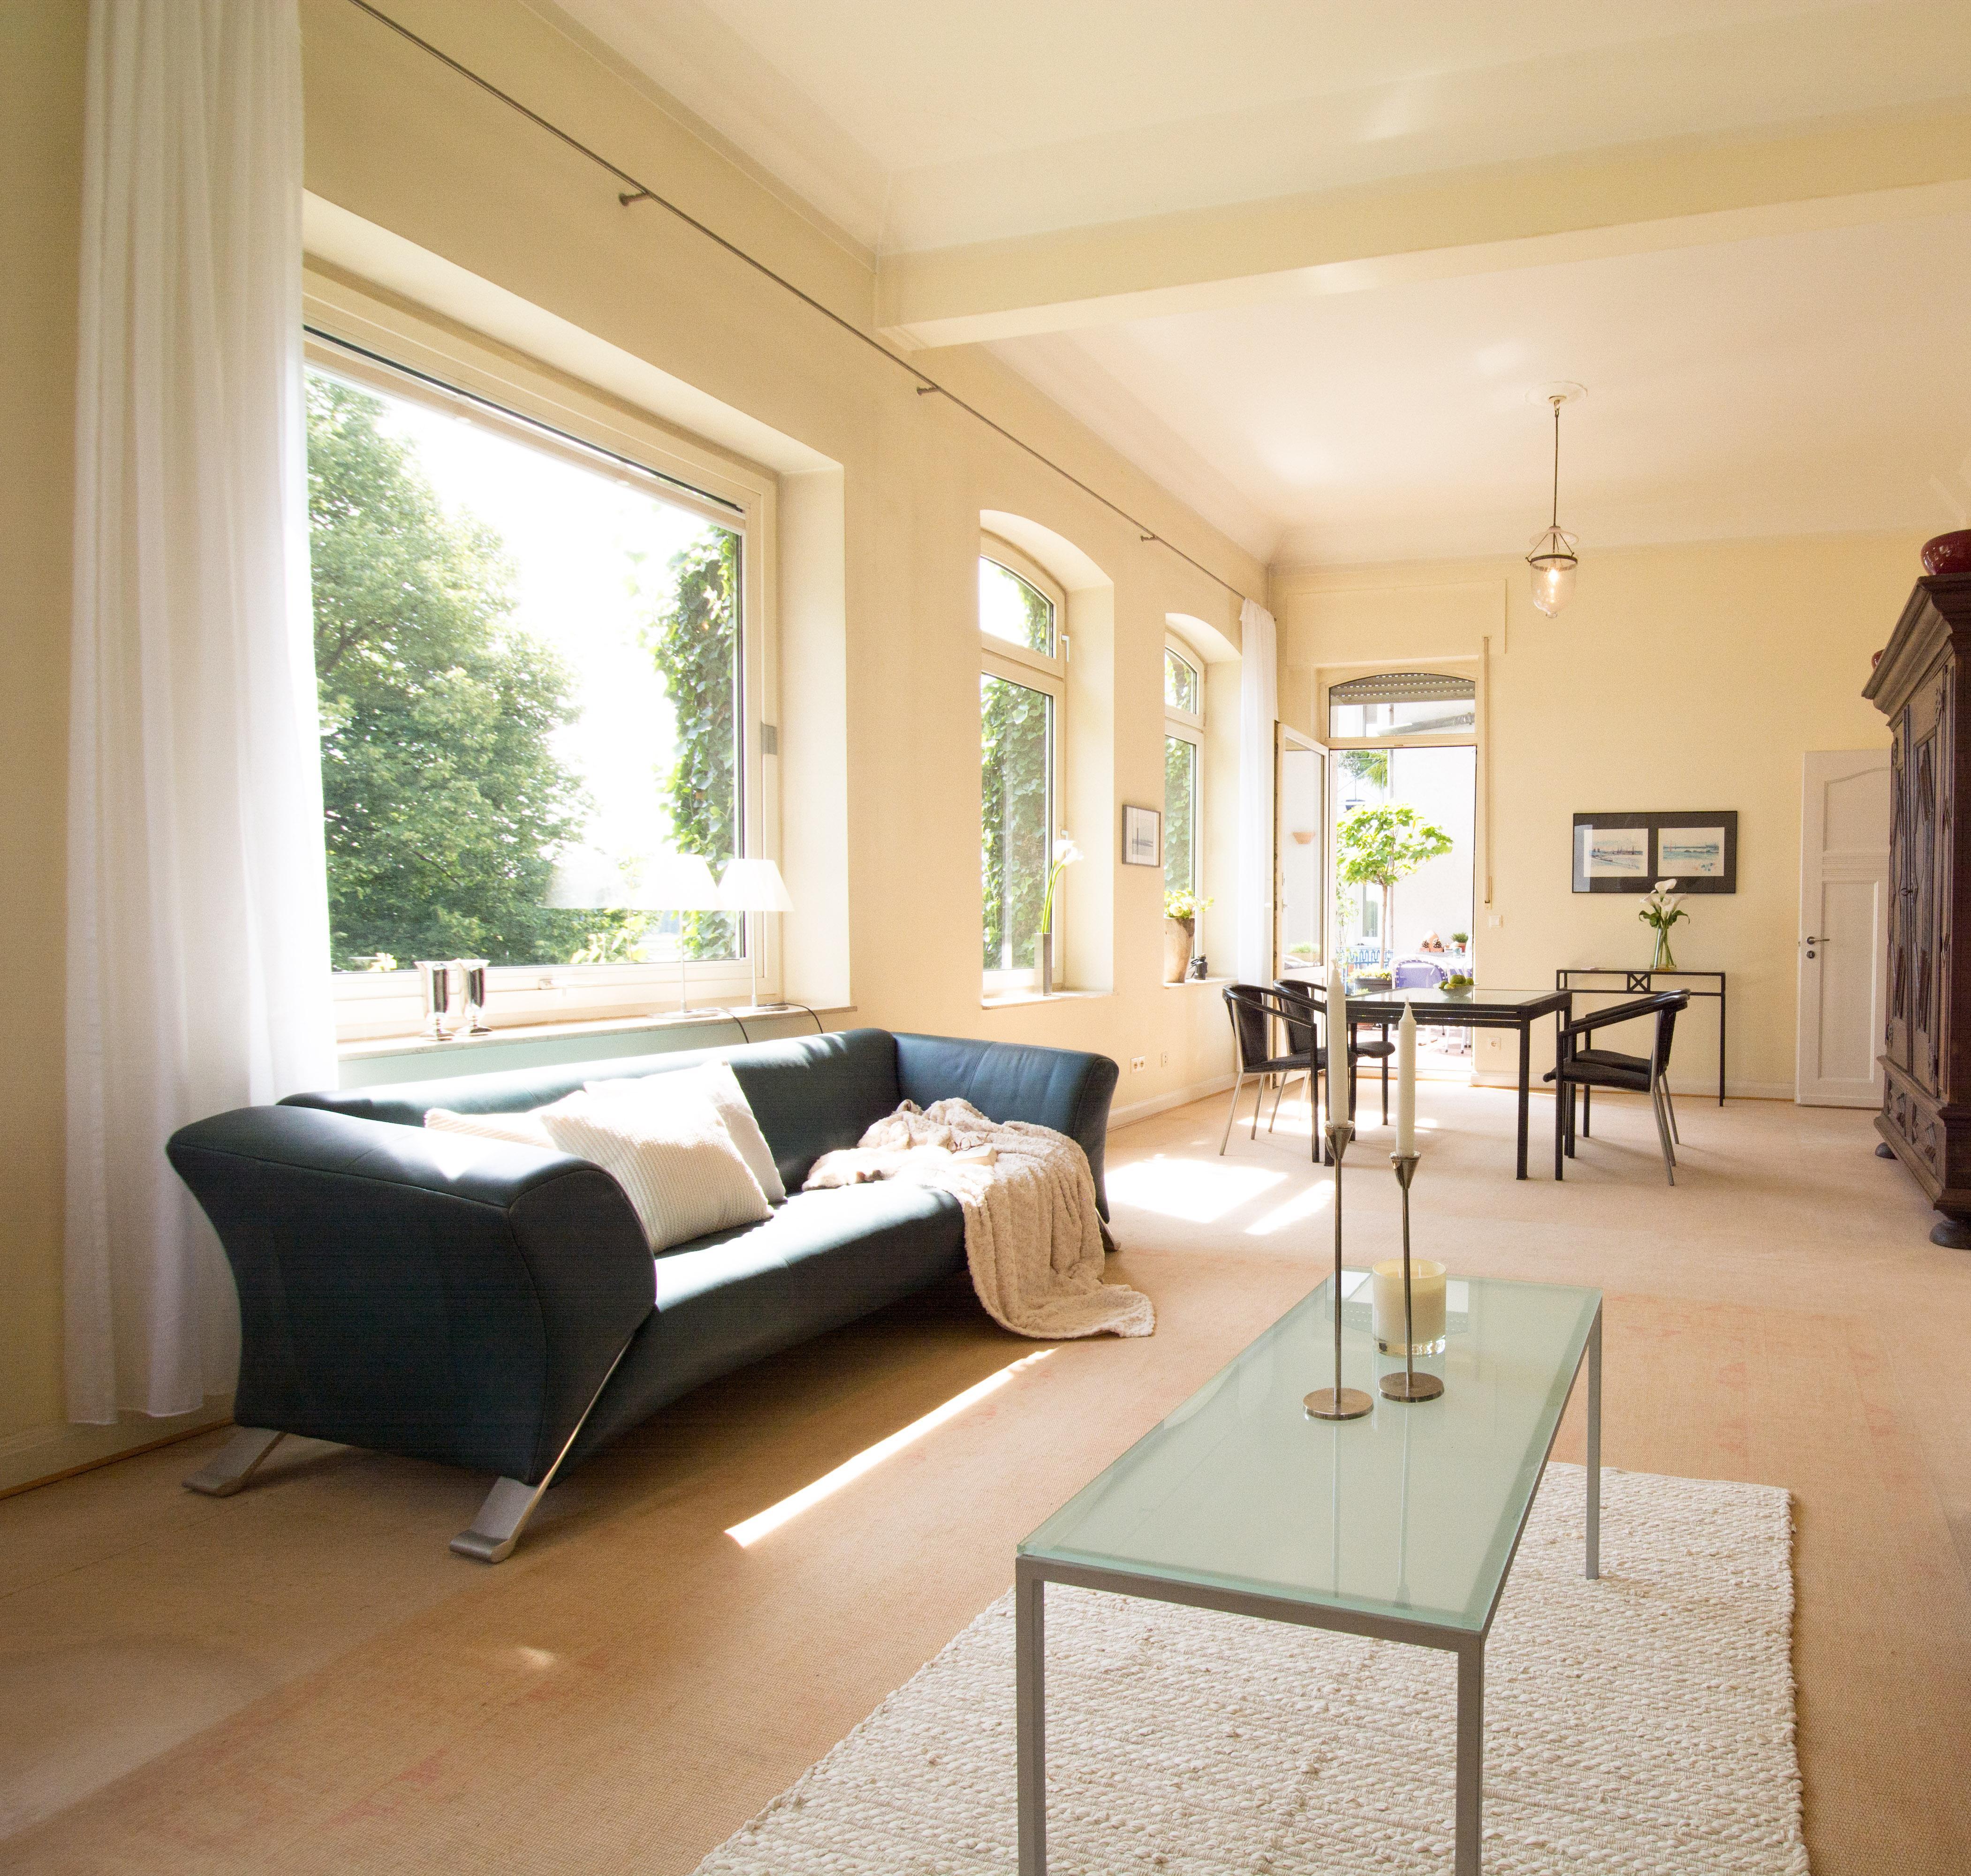 Großes Wohnzimmer | Jamgo.Co